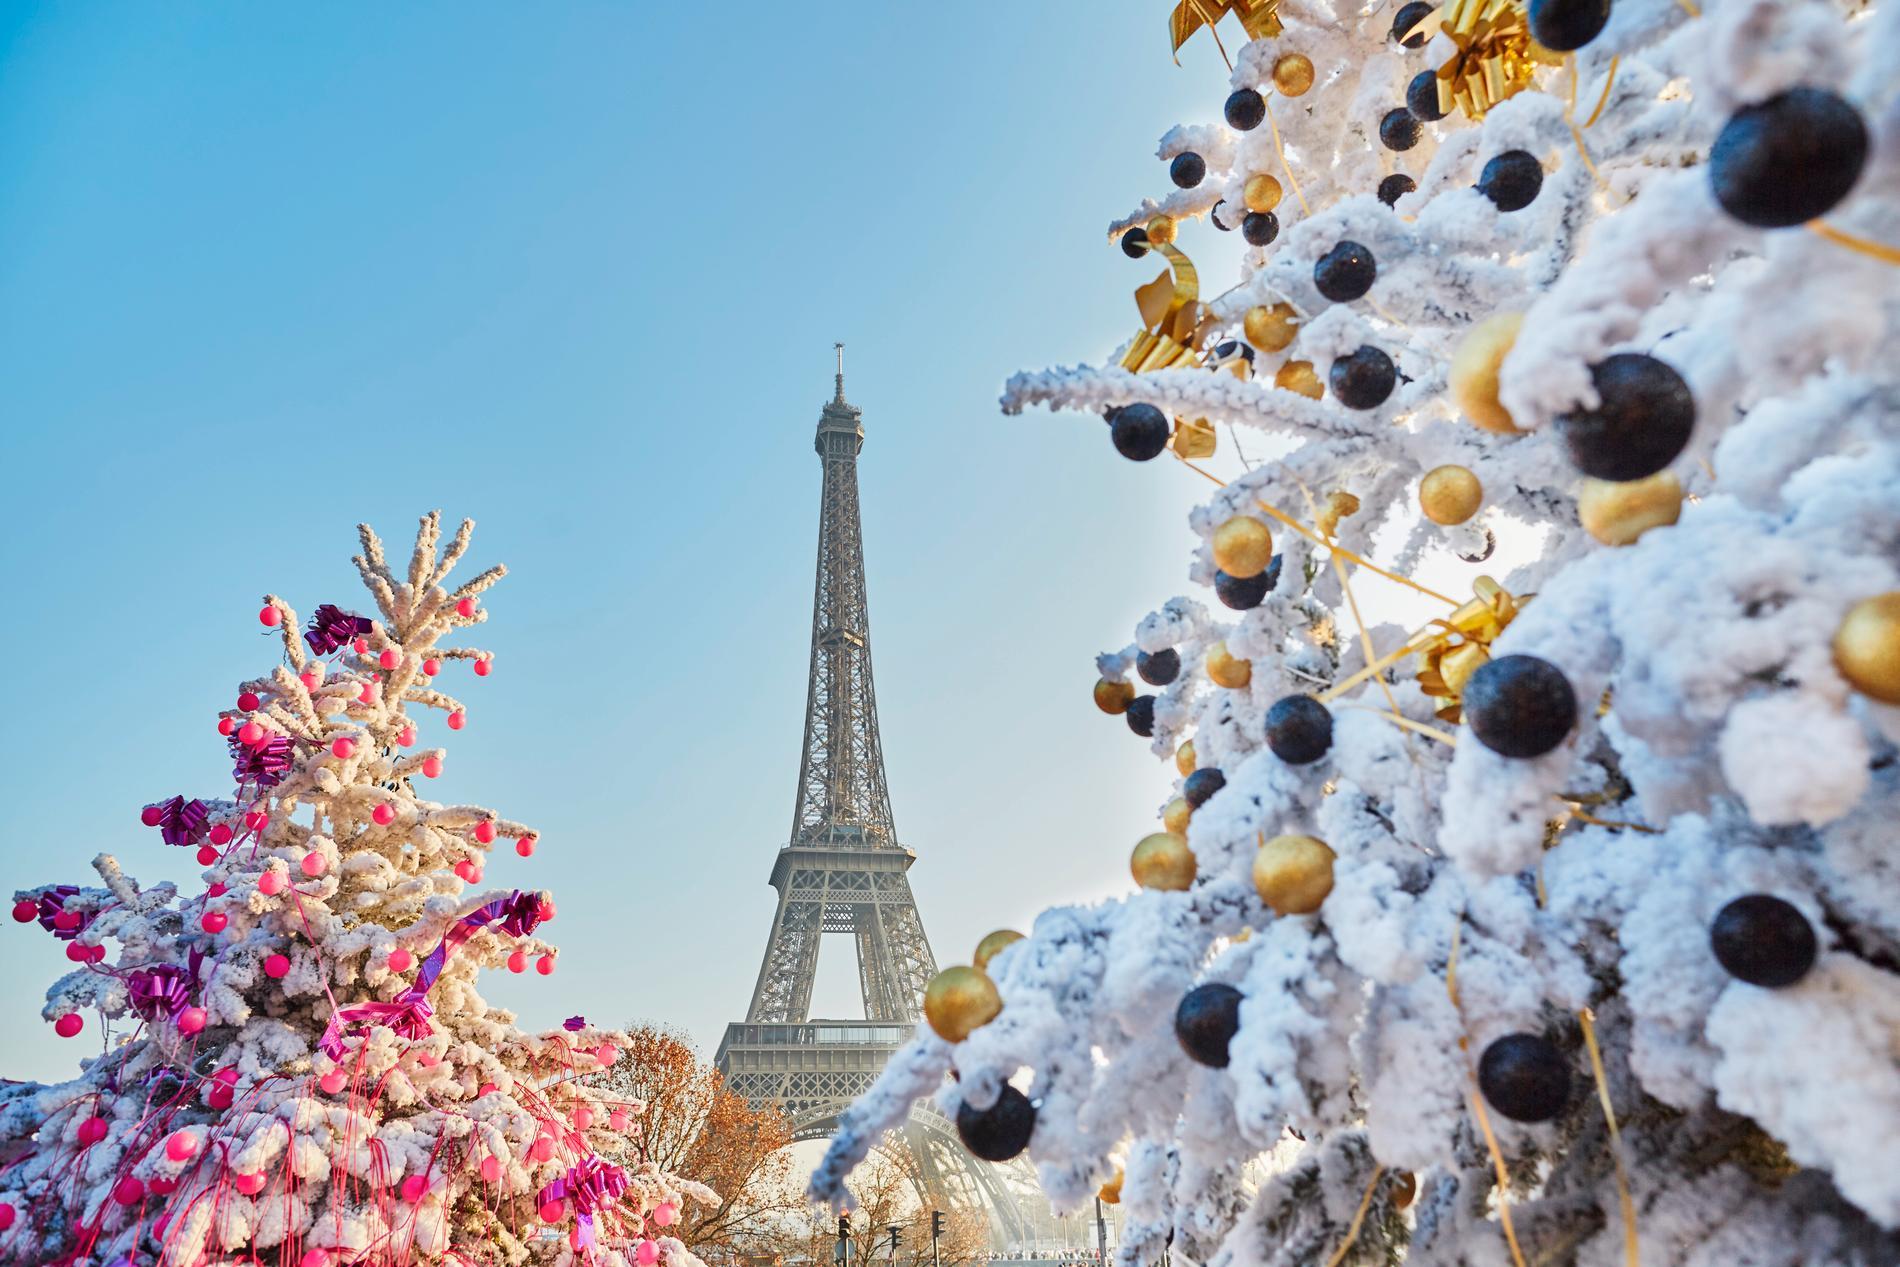 Resorna till Paris ökade med 70 procent julen 2019.